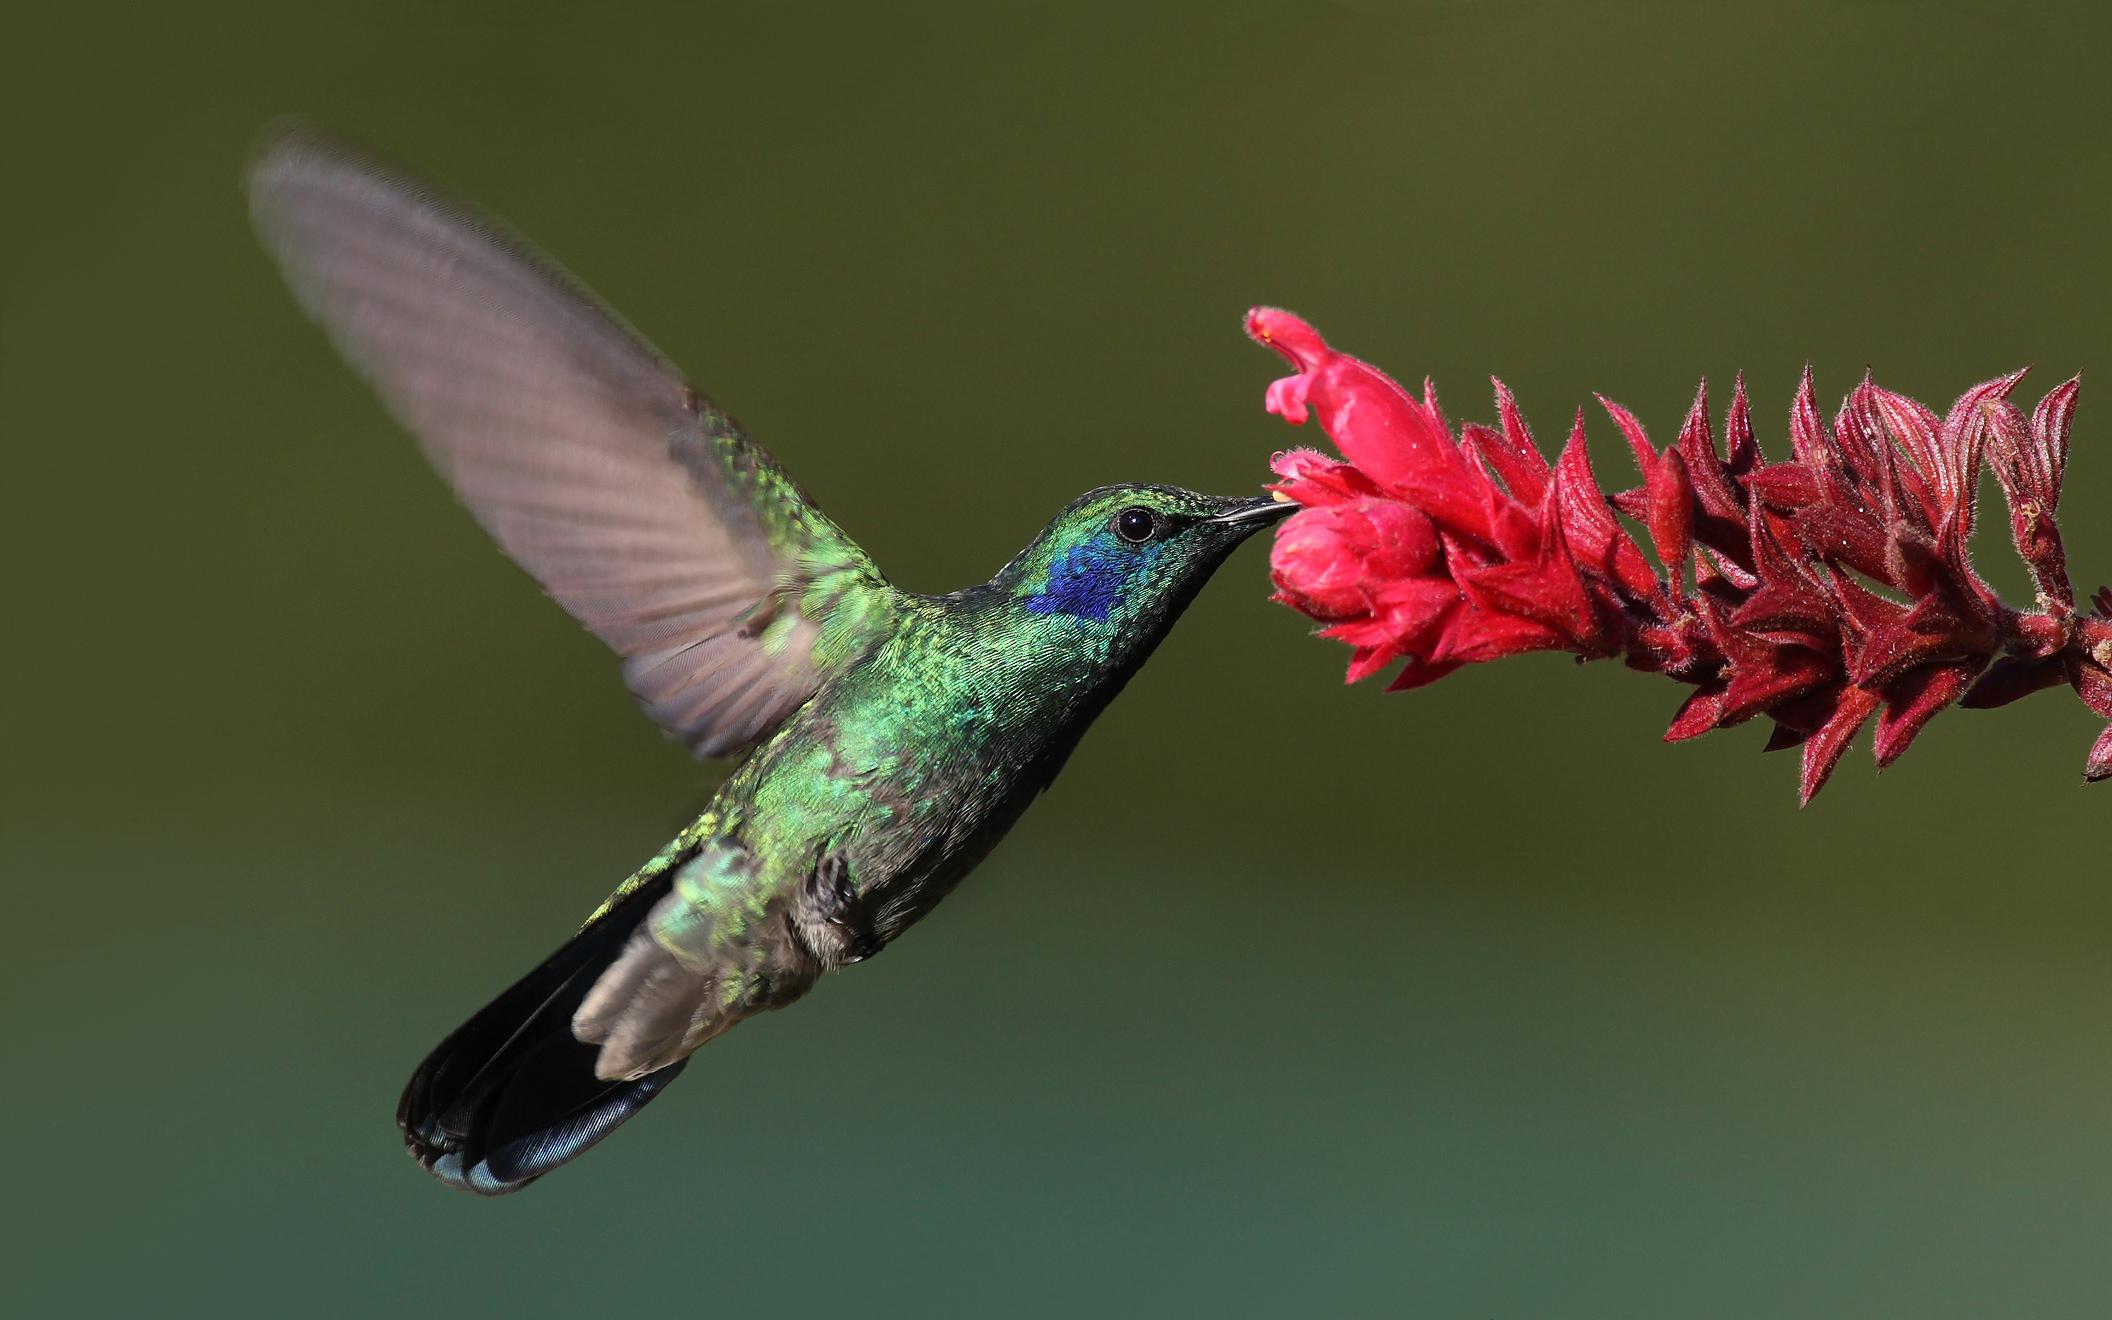 """Kolibříkům se říká """"létající drahokamy"""" kvůli velikosti a pestrobarevnosti. Jejich váha by se spíš měla počítat v karátech než gramech."""